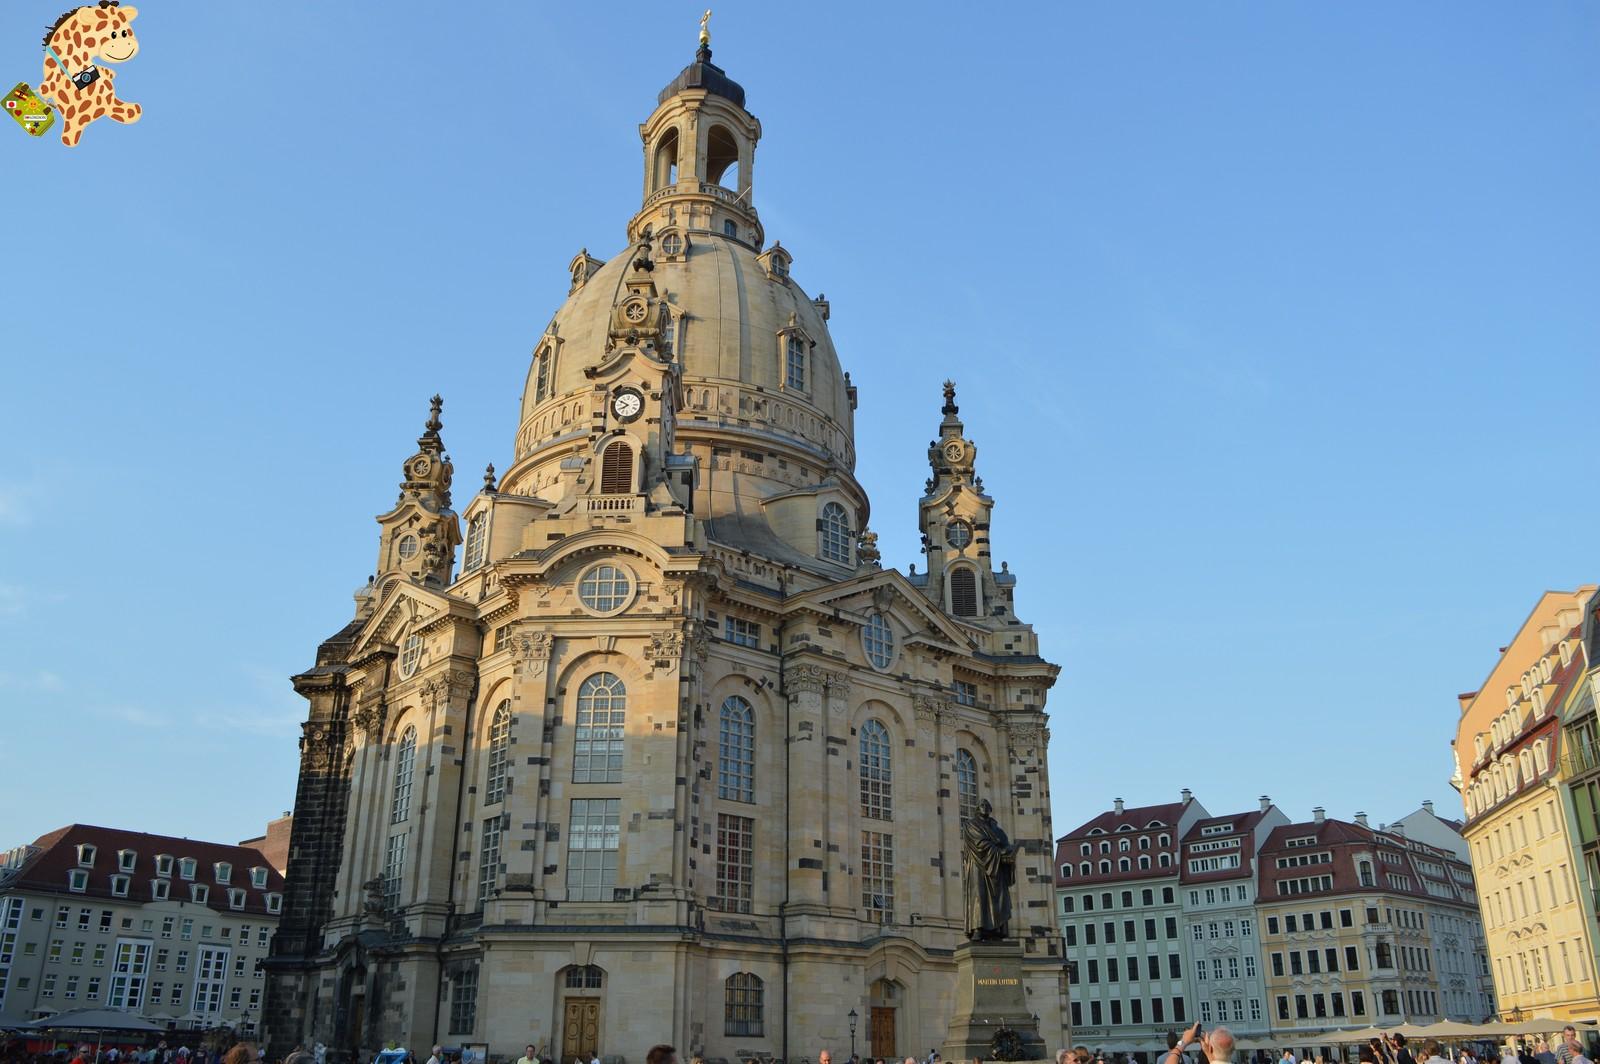 Alemania en 12 días: Qué ver en Dresde?